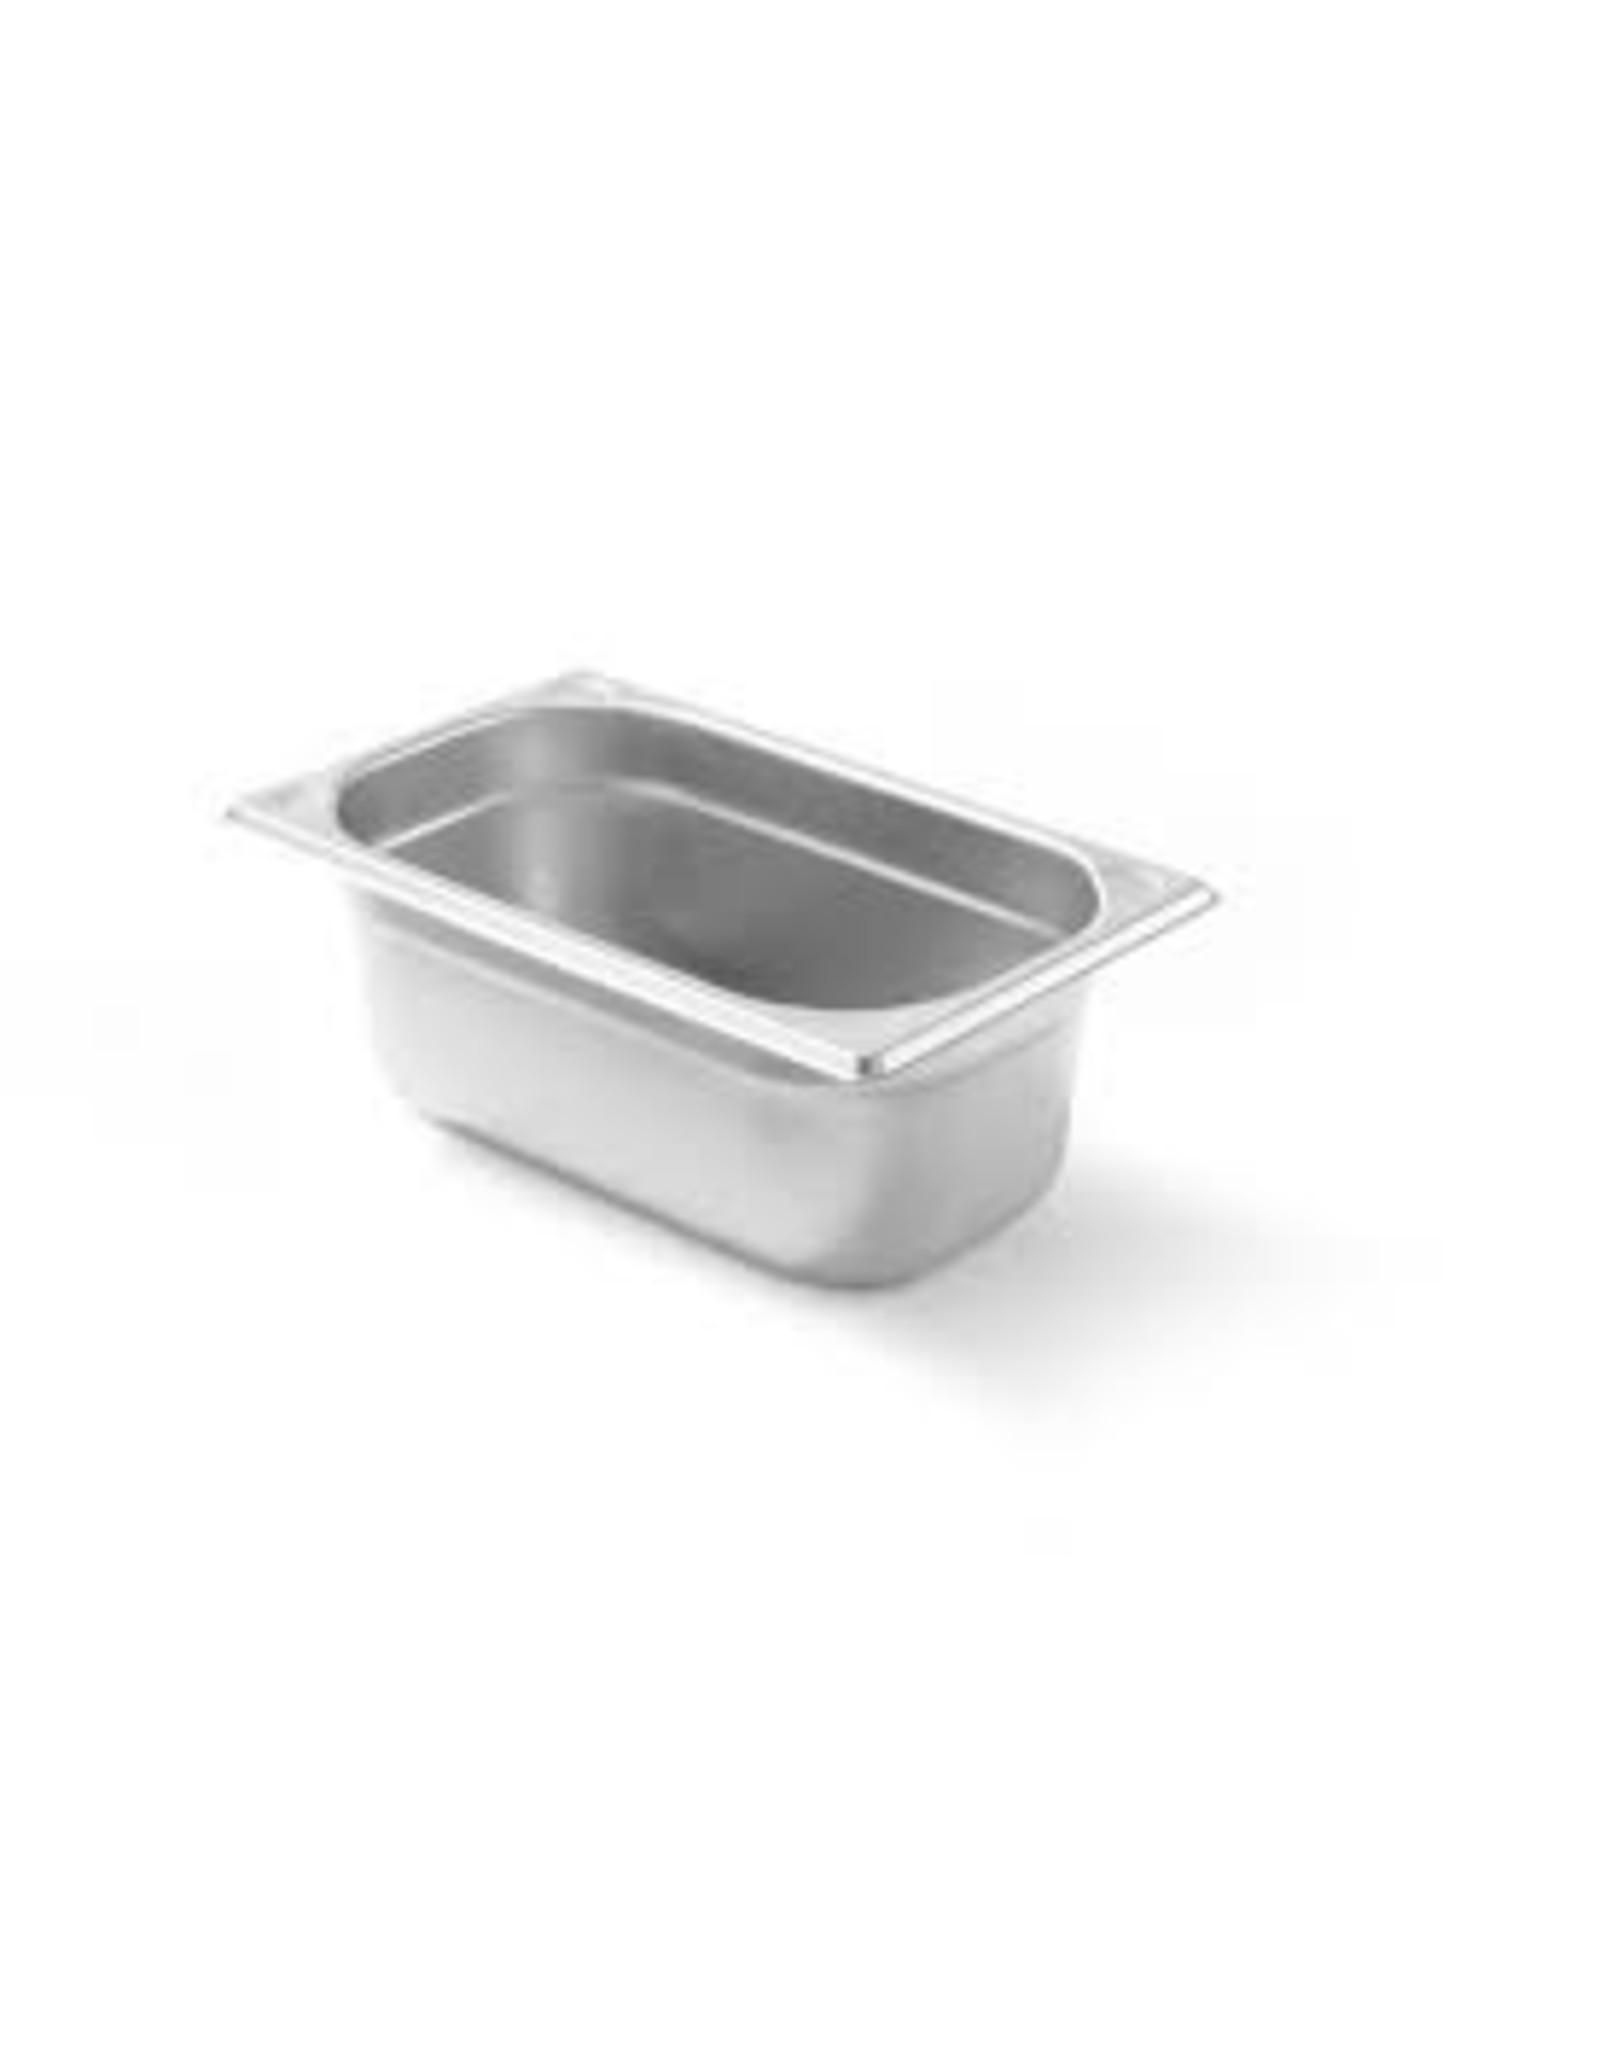 Q-Gastro Gastronormbehälter Edelstahl 1/4 GN | 100mm | 265 x 162 mm